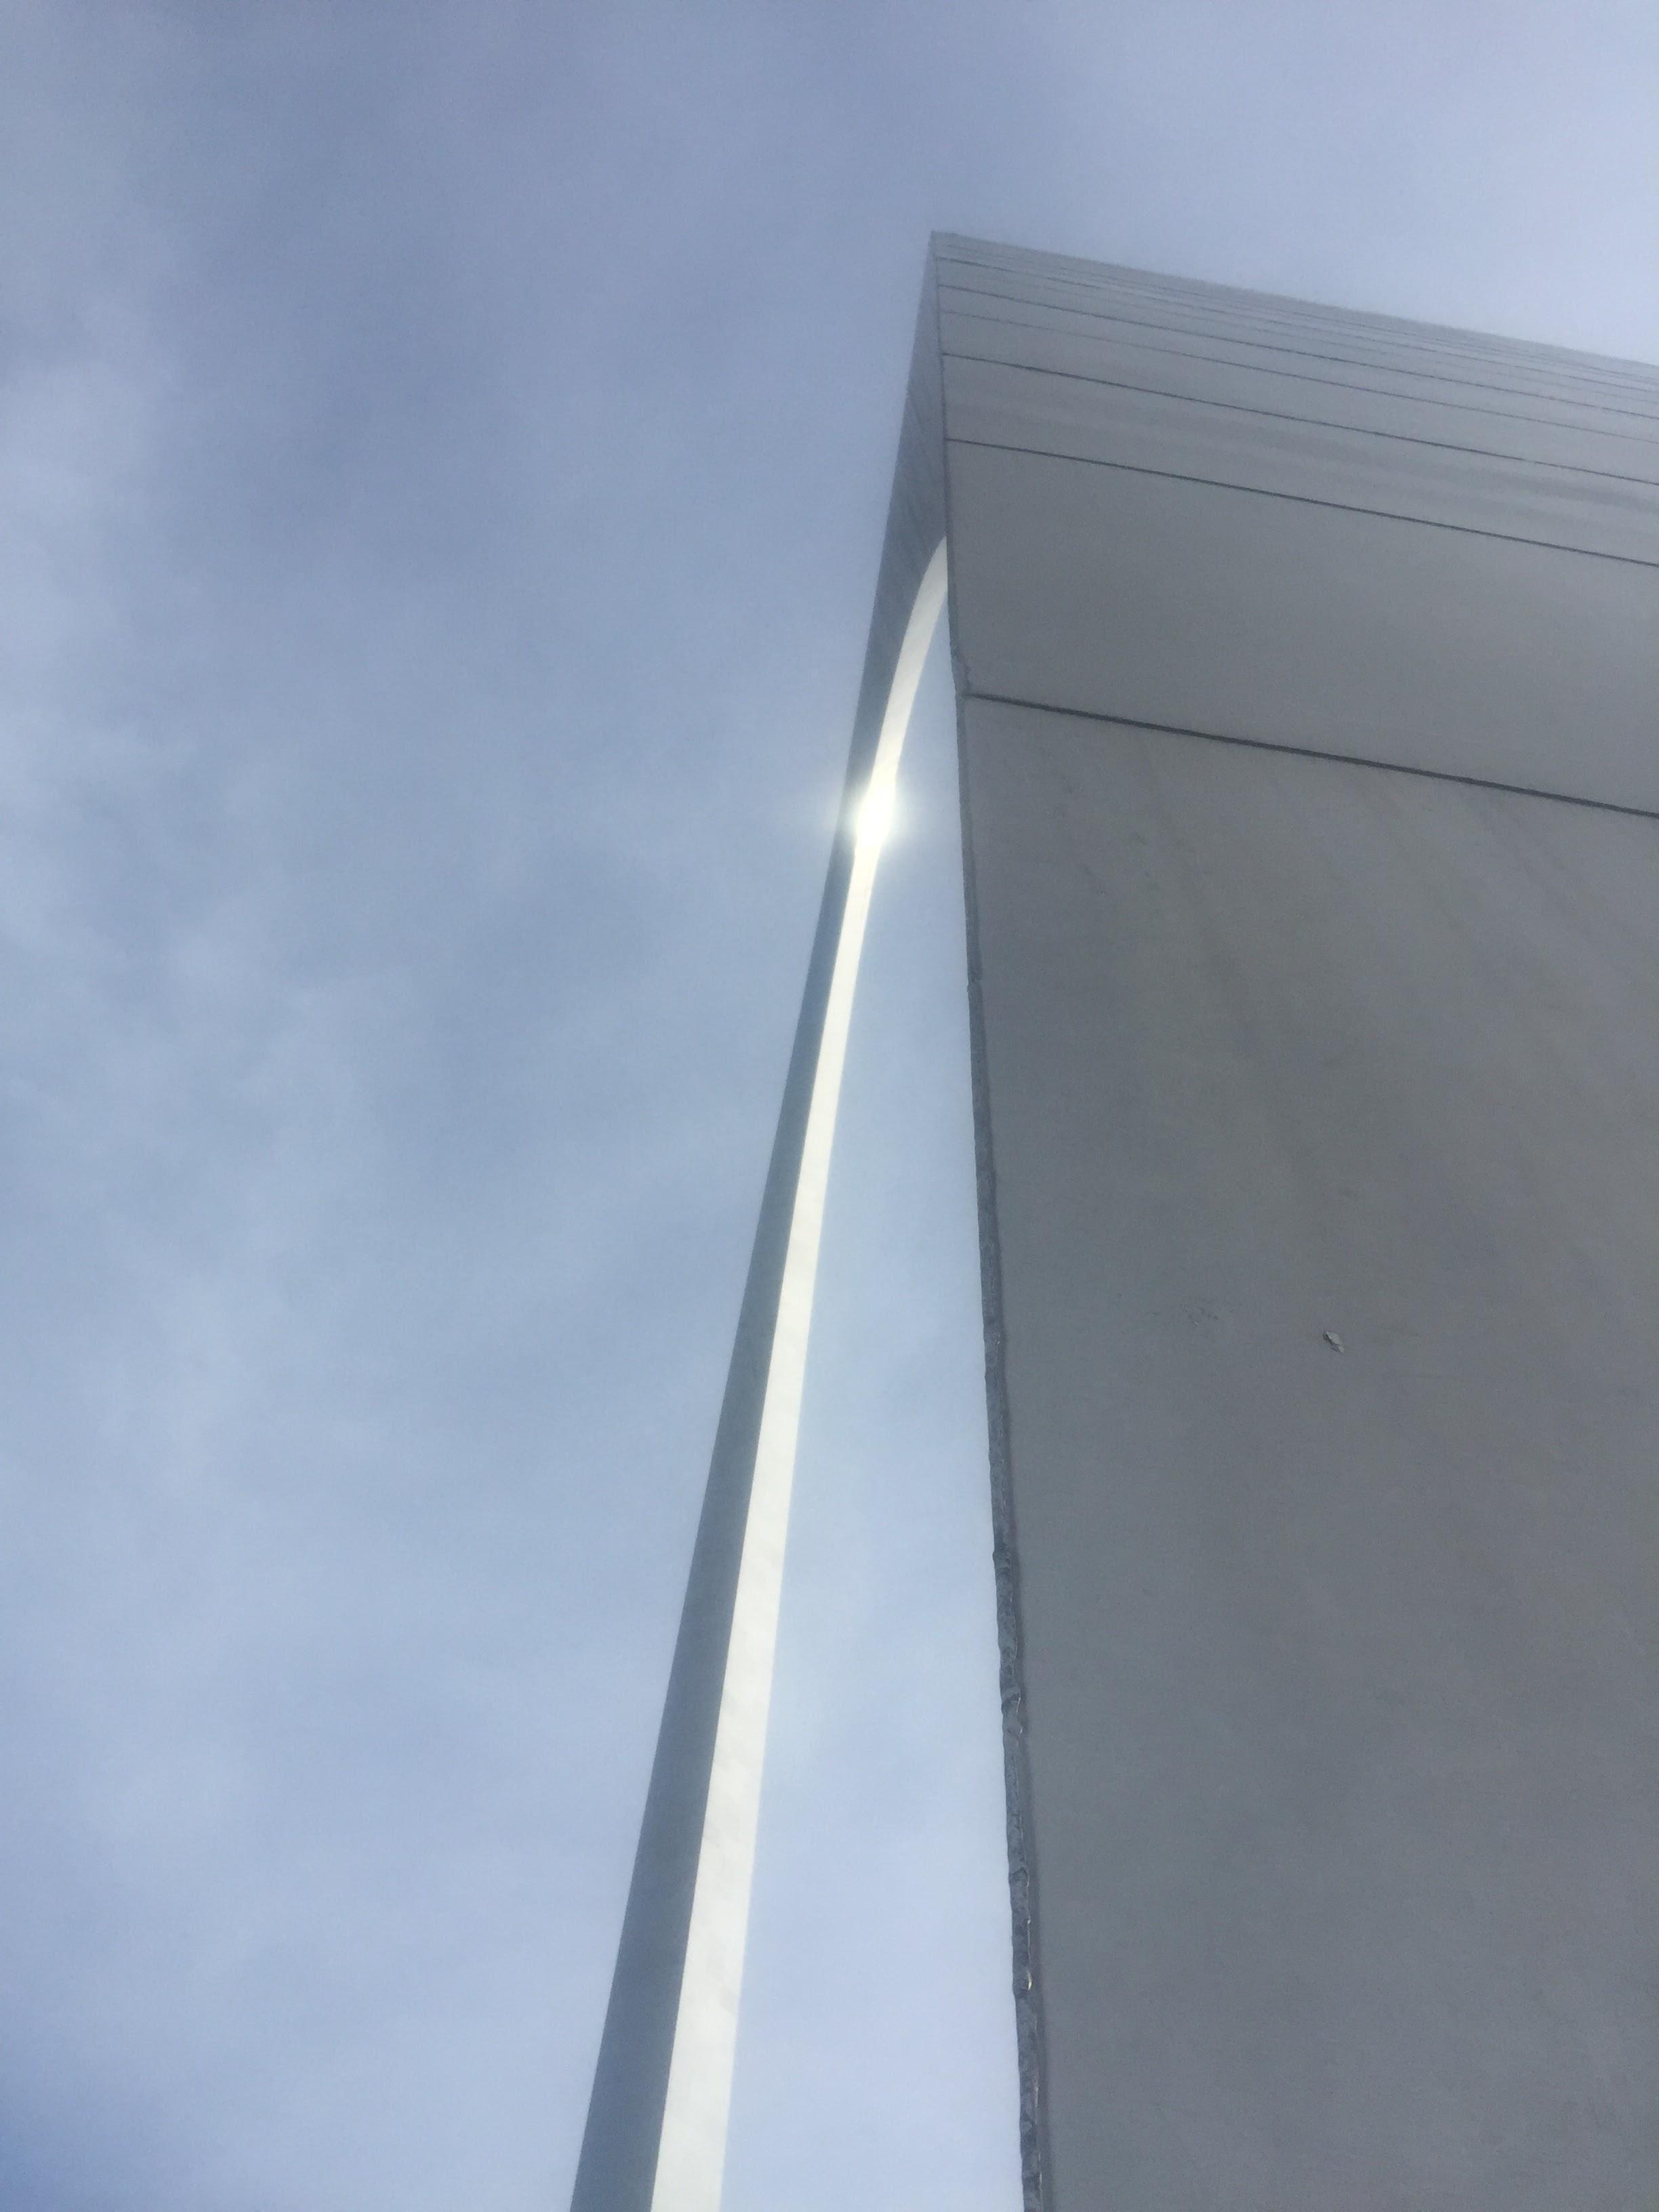 2017-06-16 St Louis - Gateway Arch 01